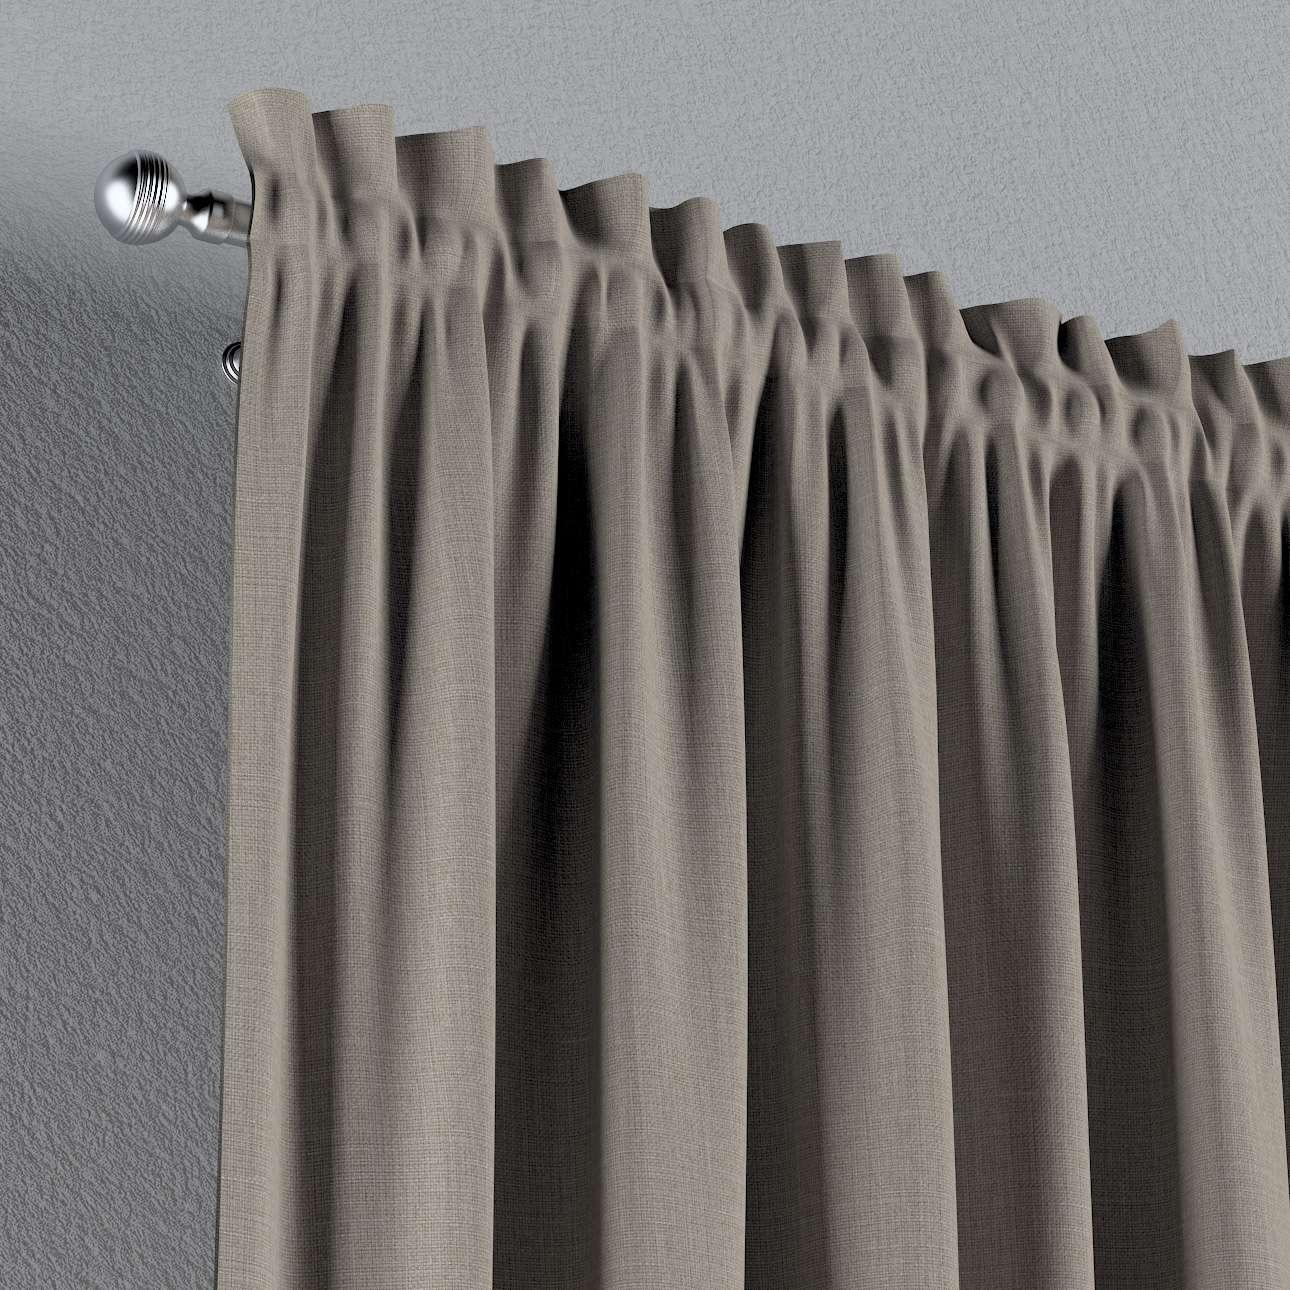 Zatemňujúci záves s navliekacou riasiacou páskou V kolekcii Blackout 280 cm, tkanina: 269-11